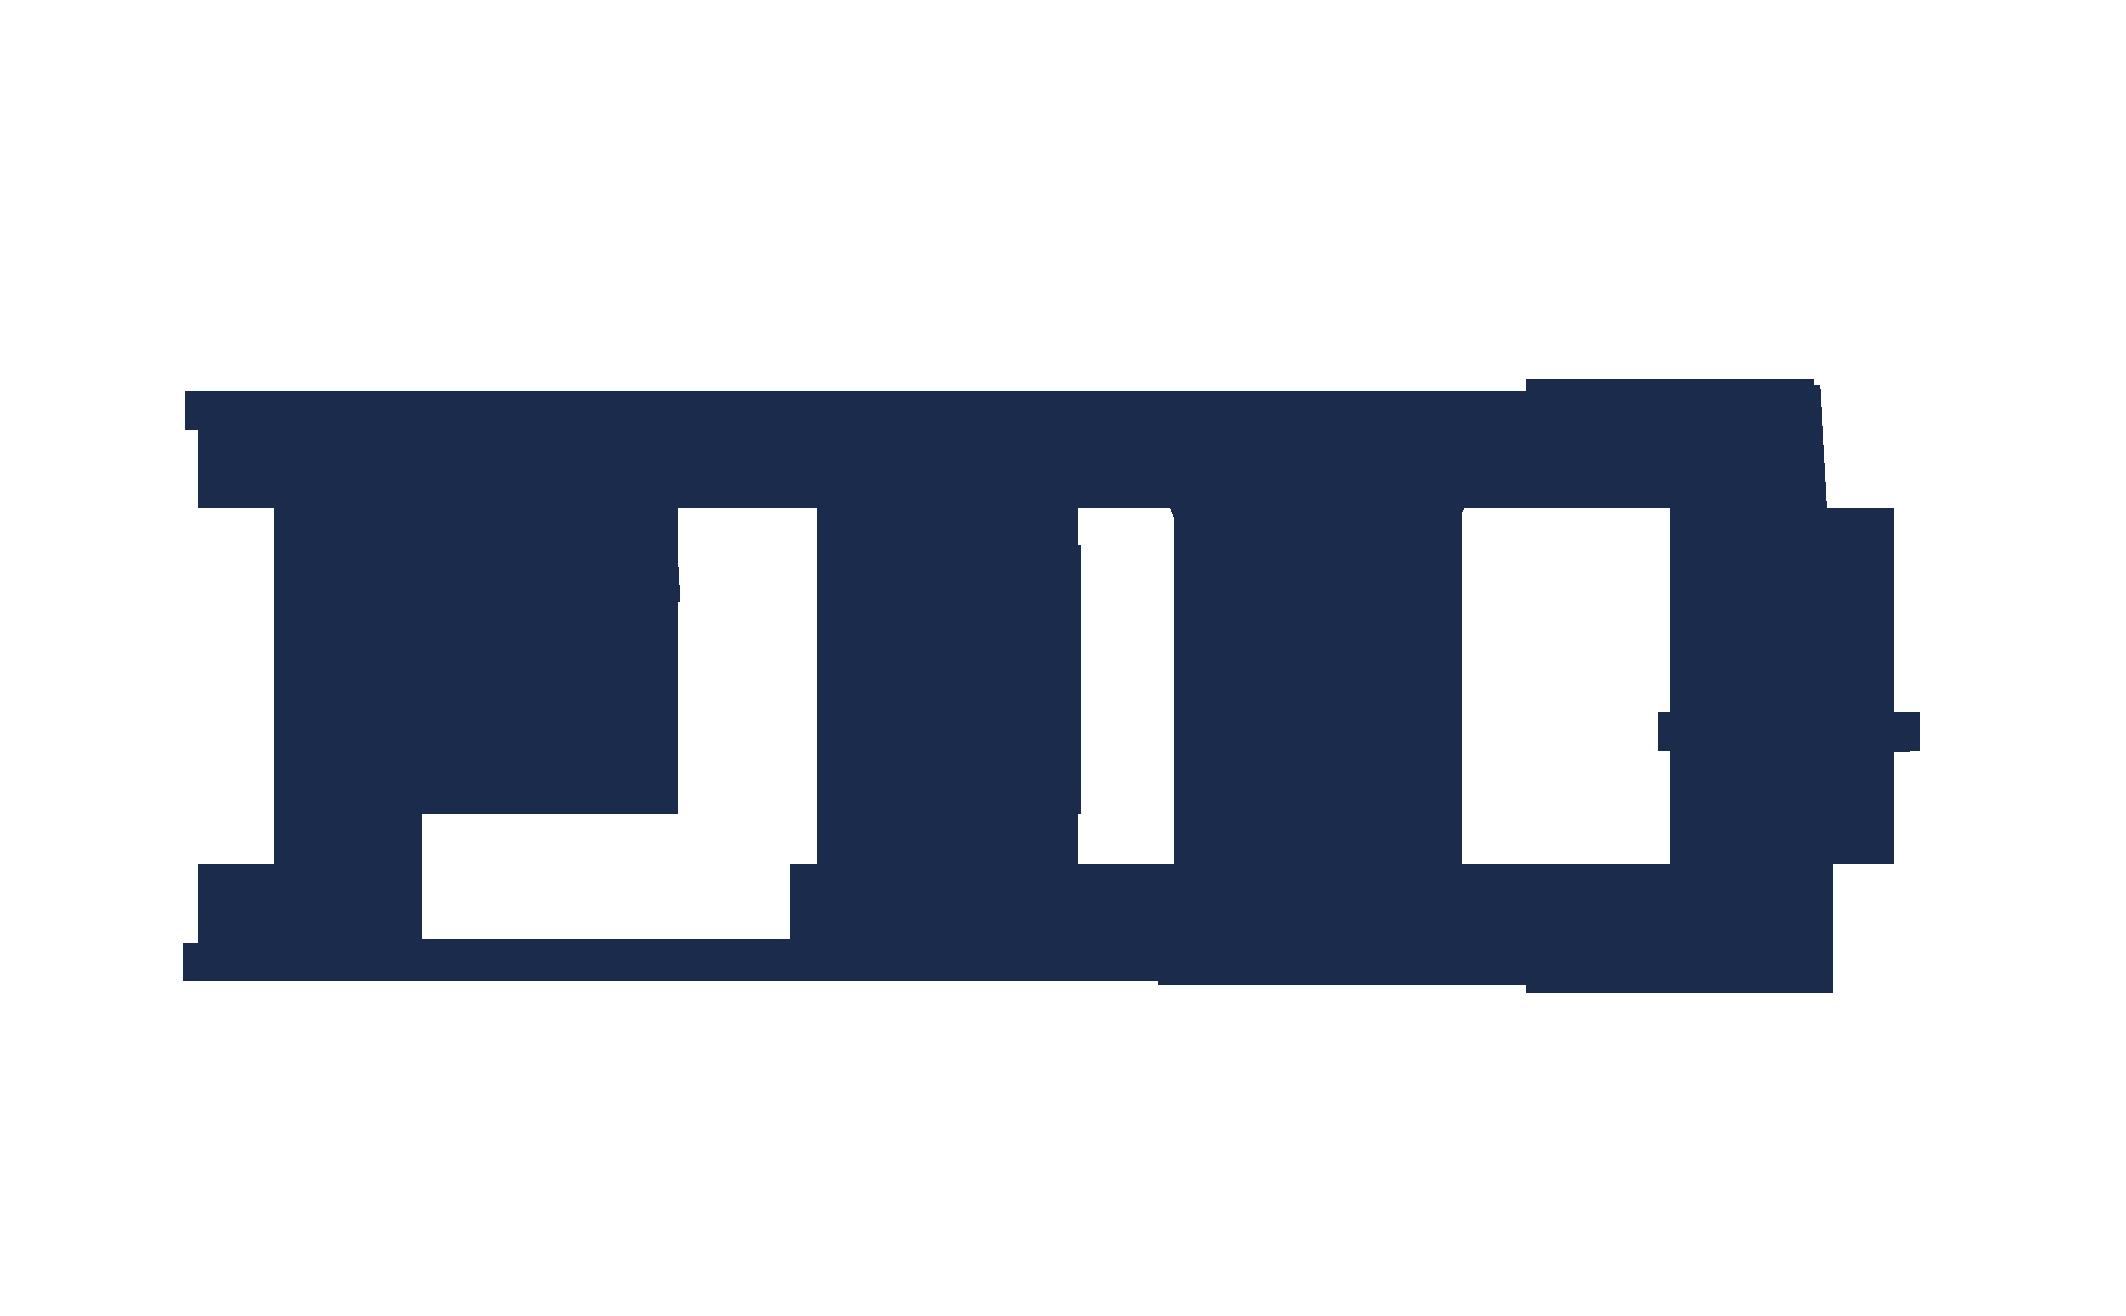 Trang chính thức của thương hiệu FEG tại Việt Nam